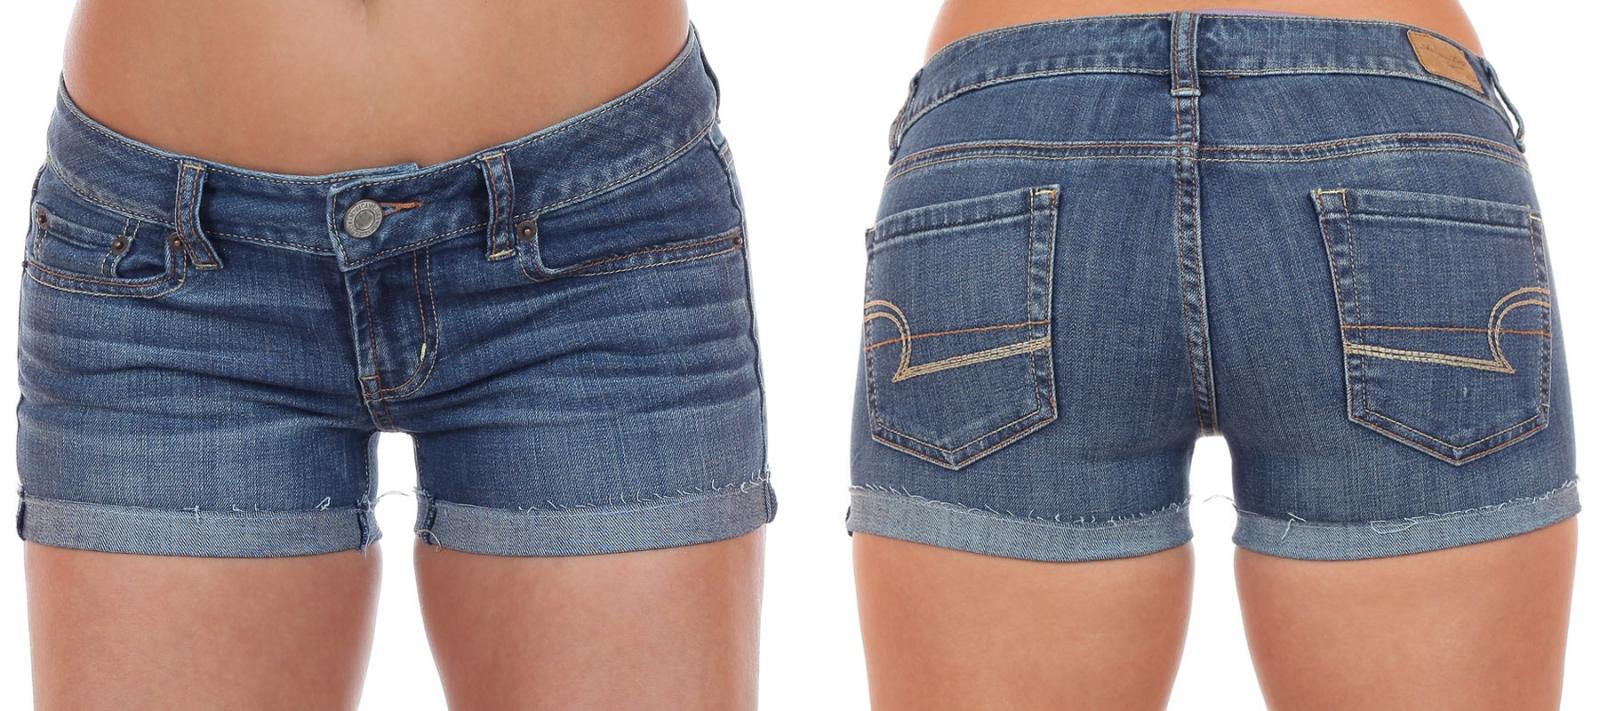 Секси-шортики от American Eagle®, жемчужина гардероба дерзкой богини стиля. Зажигают этим летом пышнотелые красотки! по лучшей цене